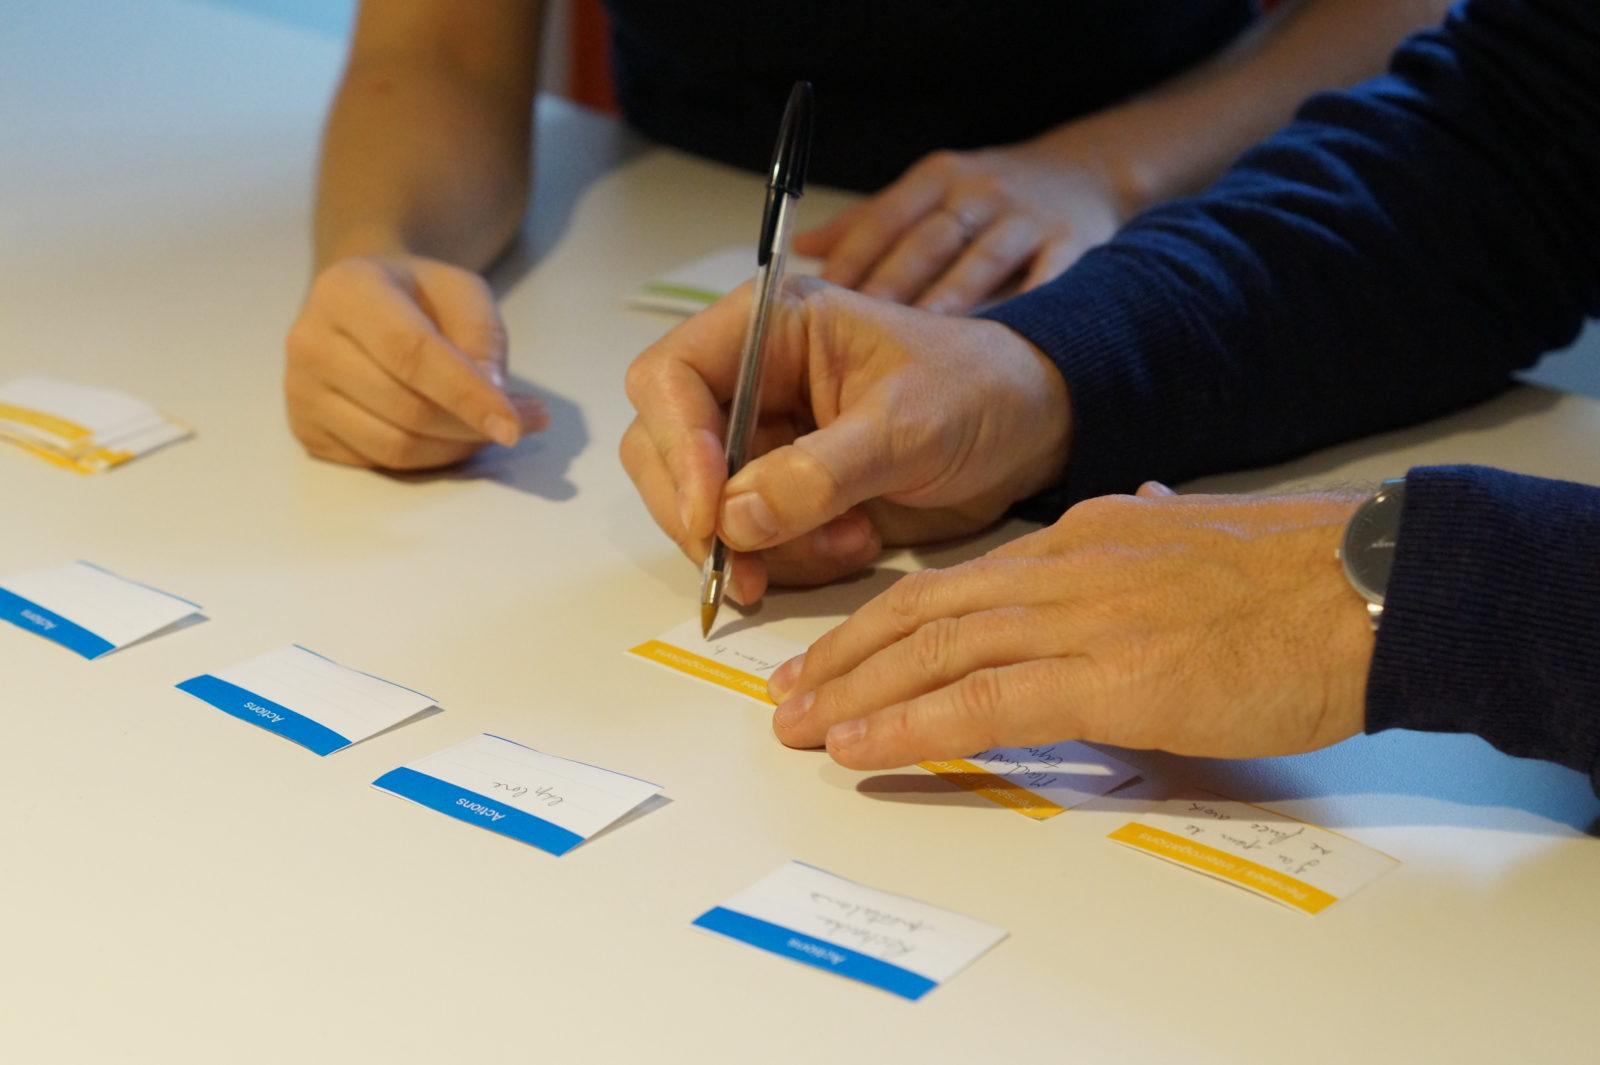 Le Design Thinking au service de vos enjeux stratégiques